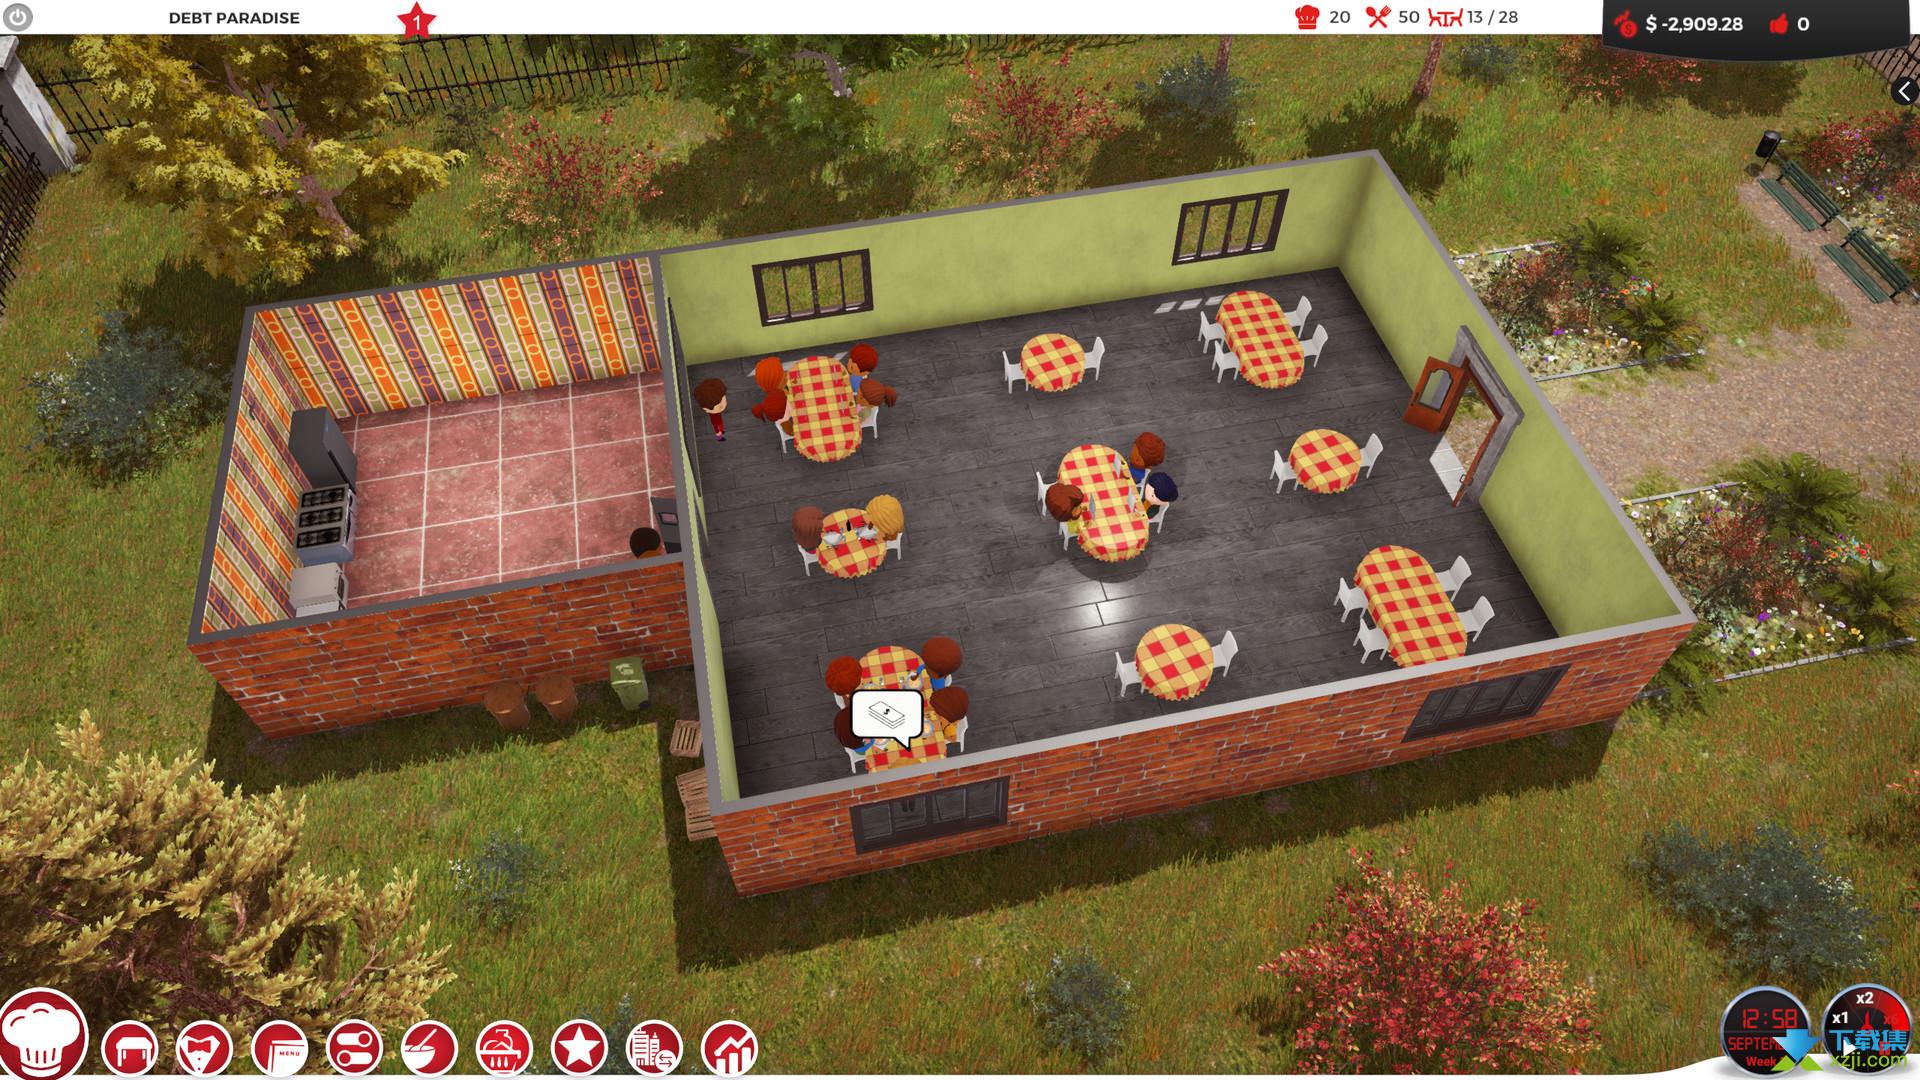 厨师餐厅大亨界面2